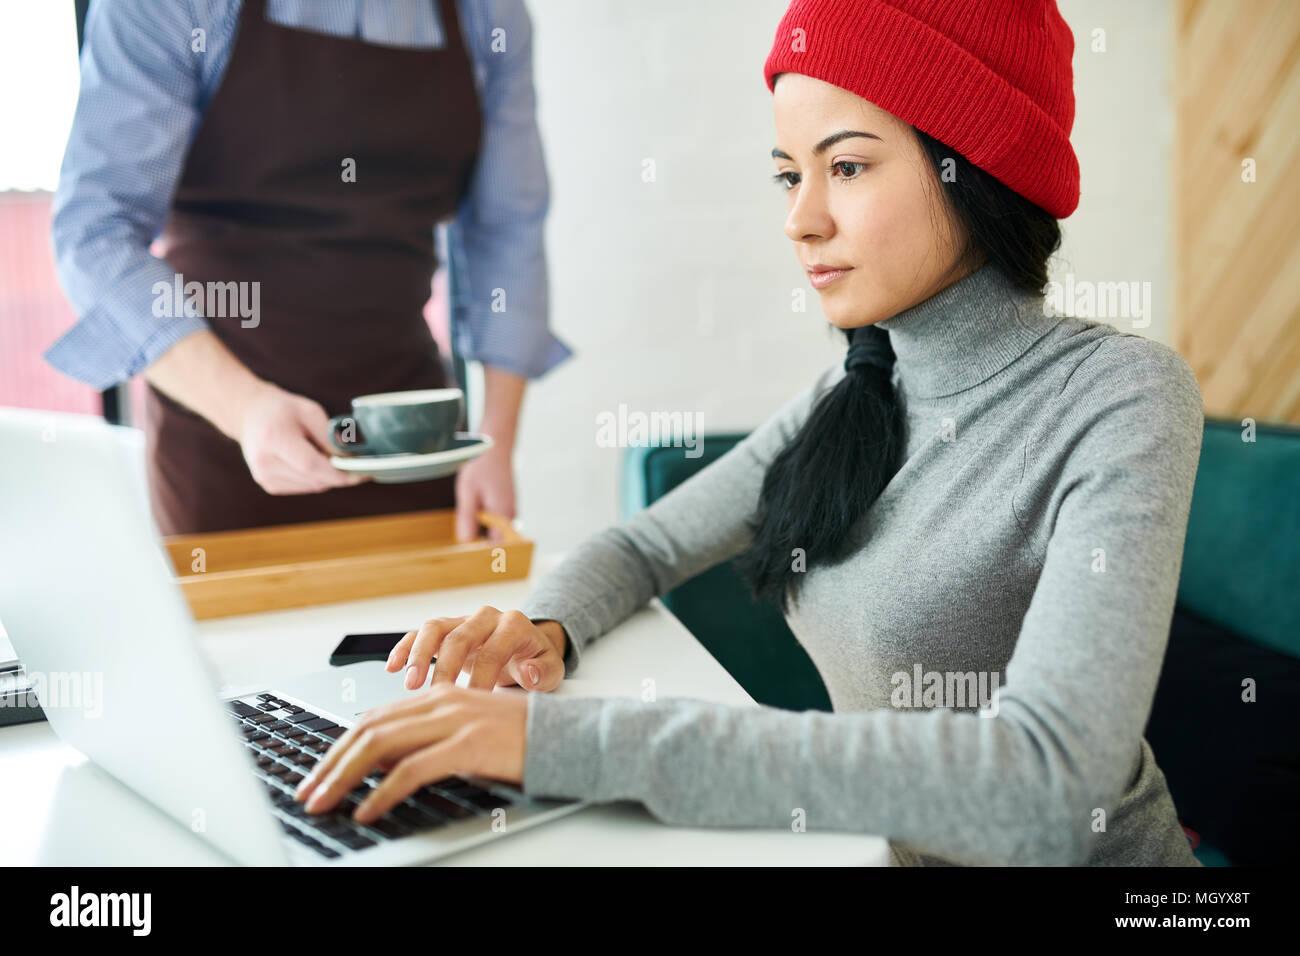 Moderne junge Frau mit Laptop im Cafe Stockbild